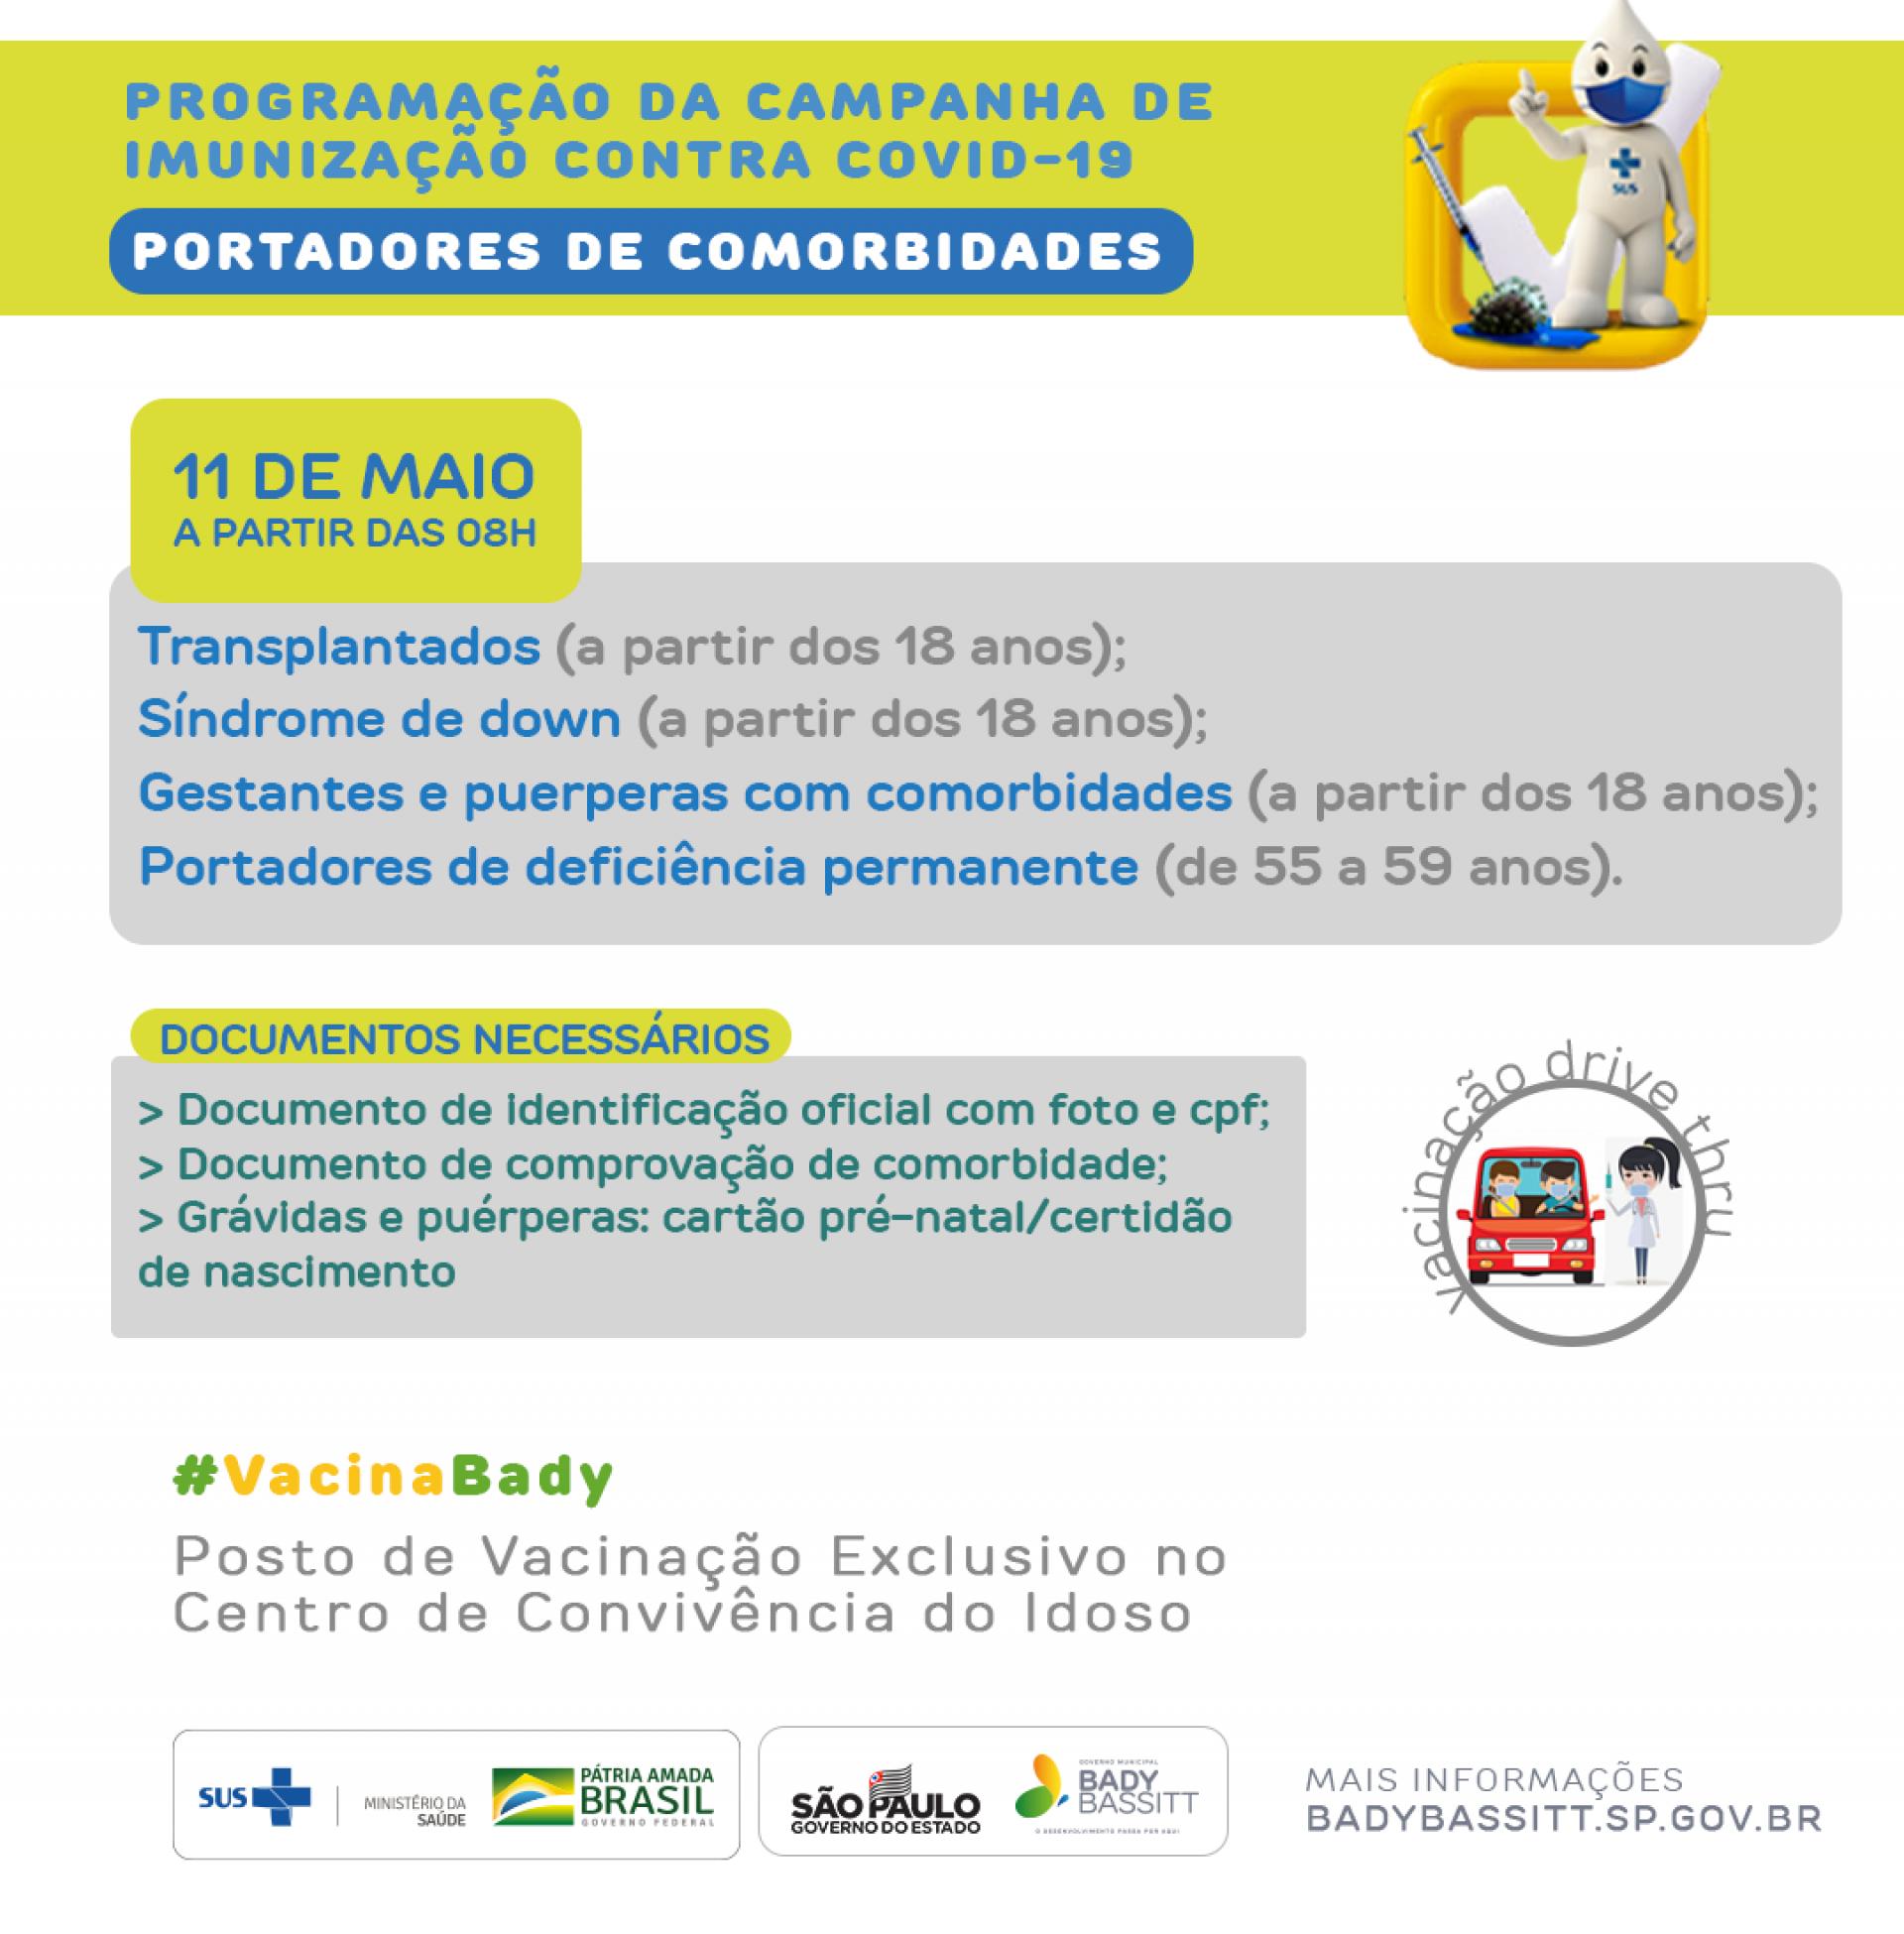 Bady Bassitt inicia vacinação contra covid -19 em pacientes com comorbidades a partir desta terça-feira (11/05)